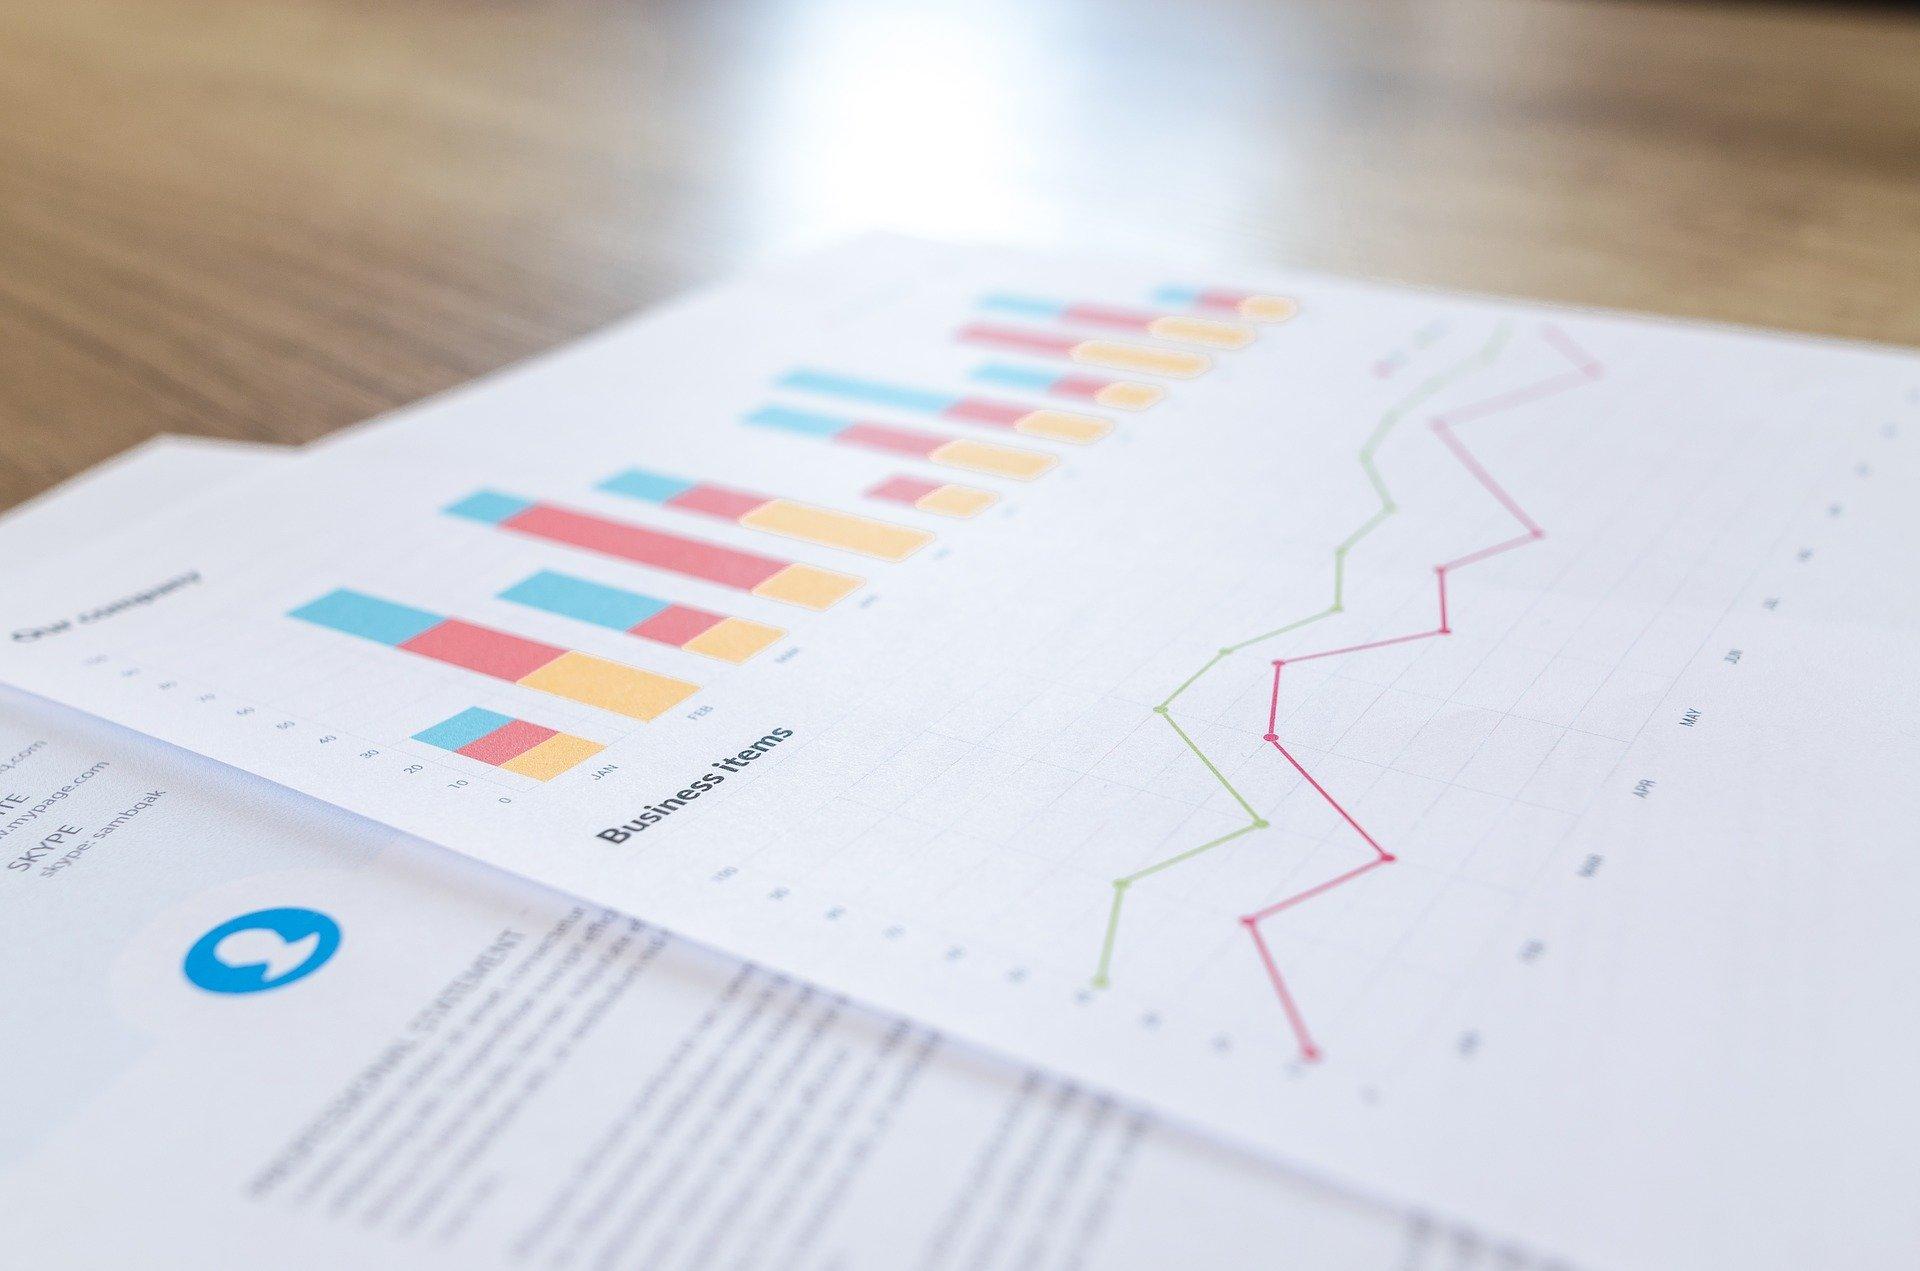 Quarterly report, Shareholders meeting, Earnings report